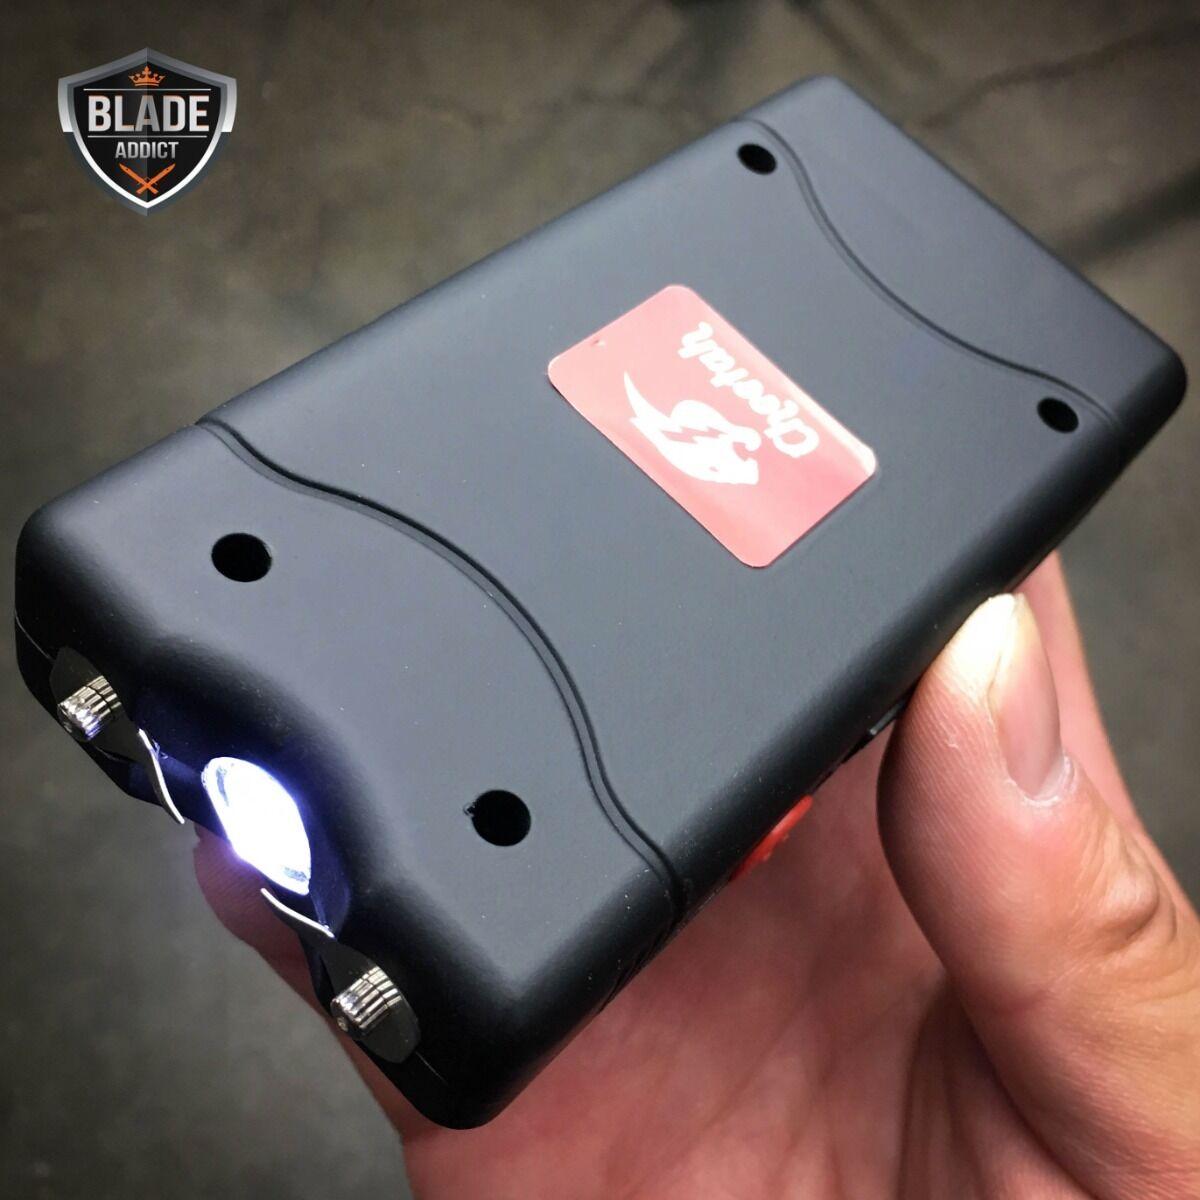 BLACK 90 MV Mini Rechargeable LED LIGHT TACTICAL Police Stun Gun + Taser Case